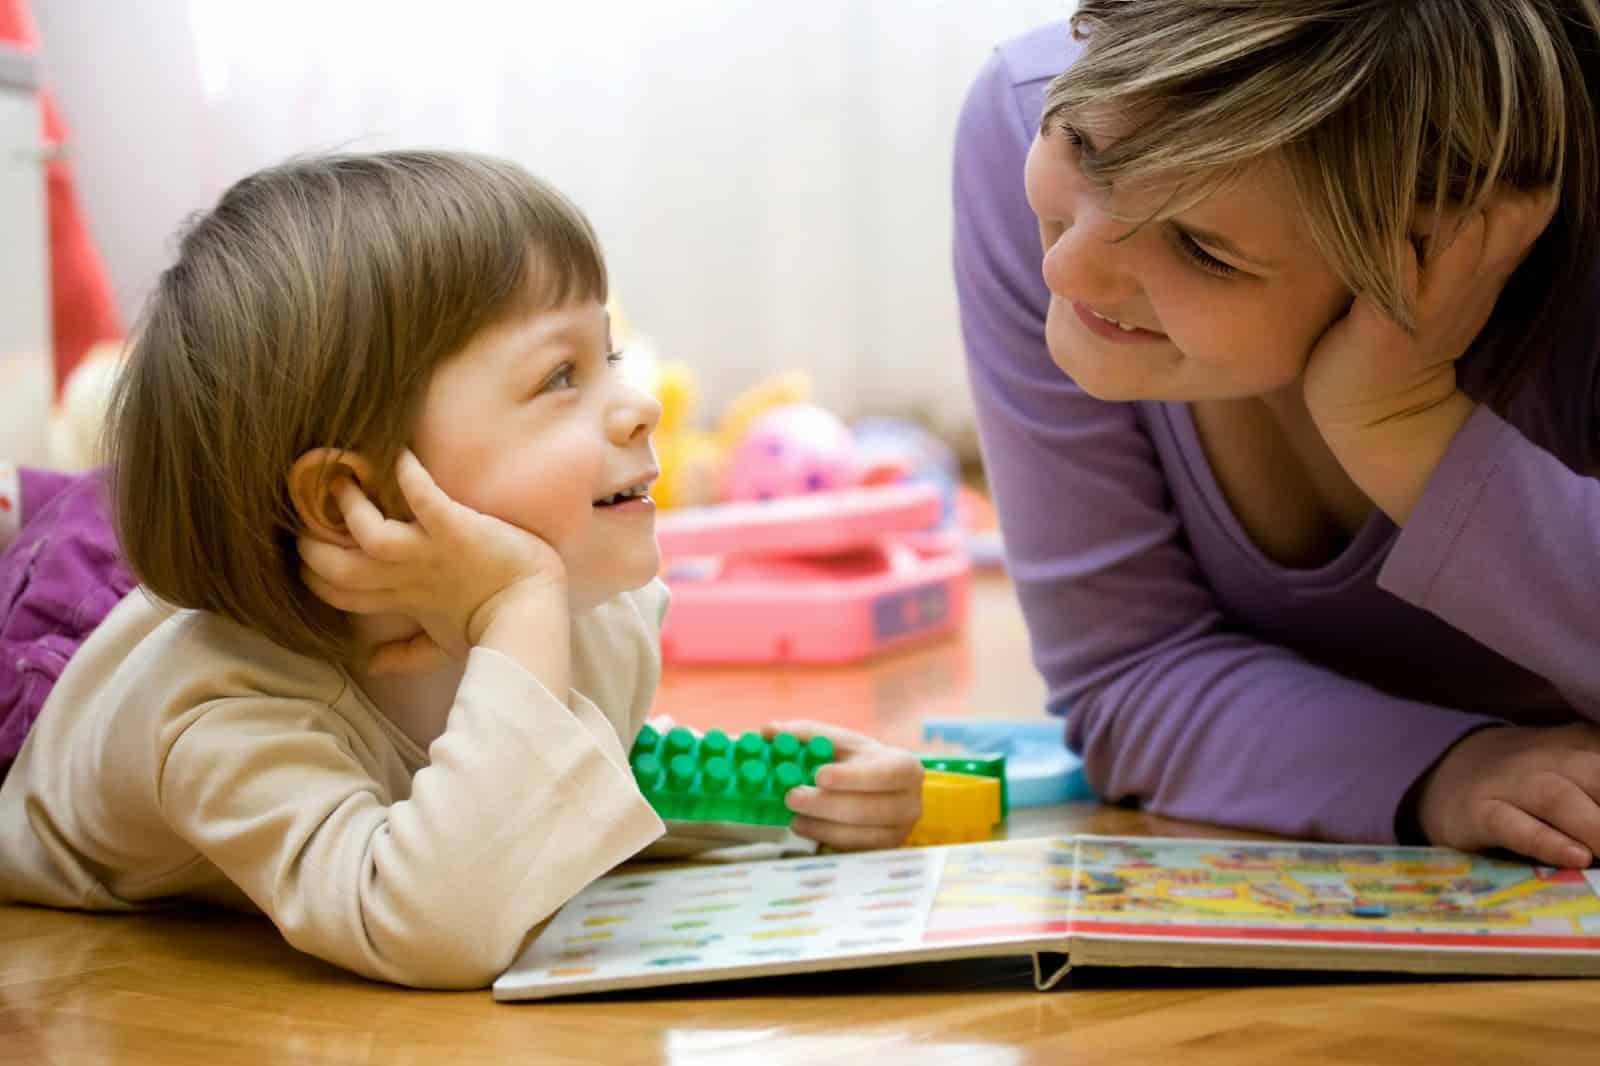 كيفيه تطوير مهارات اللغه عن طريق اللعب عند الاطفال